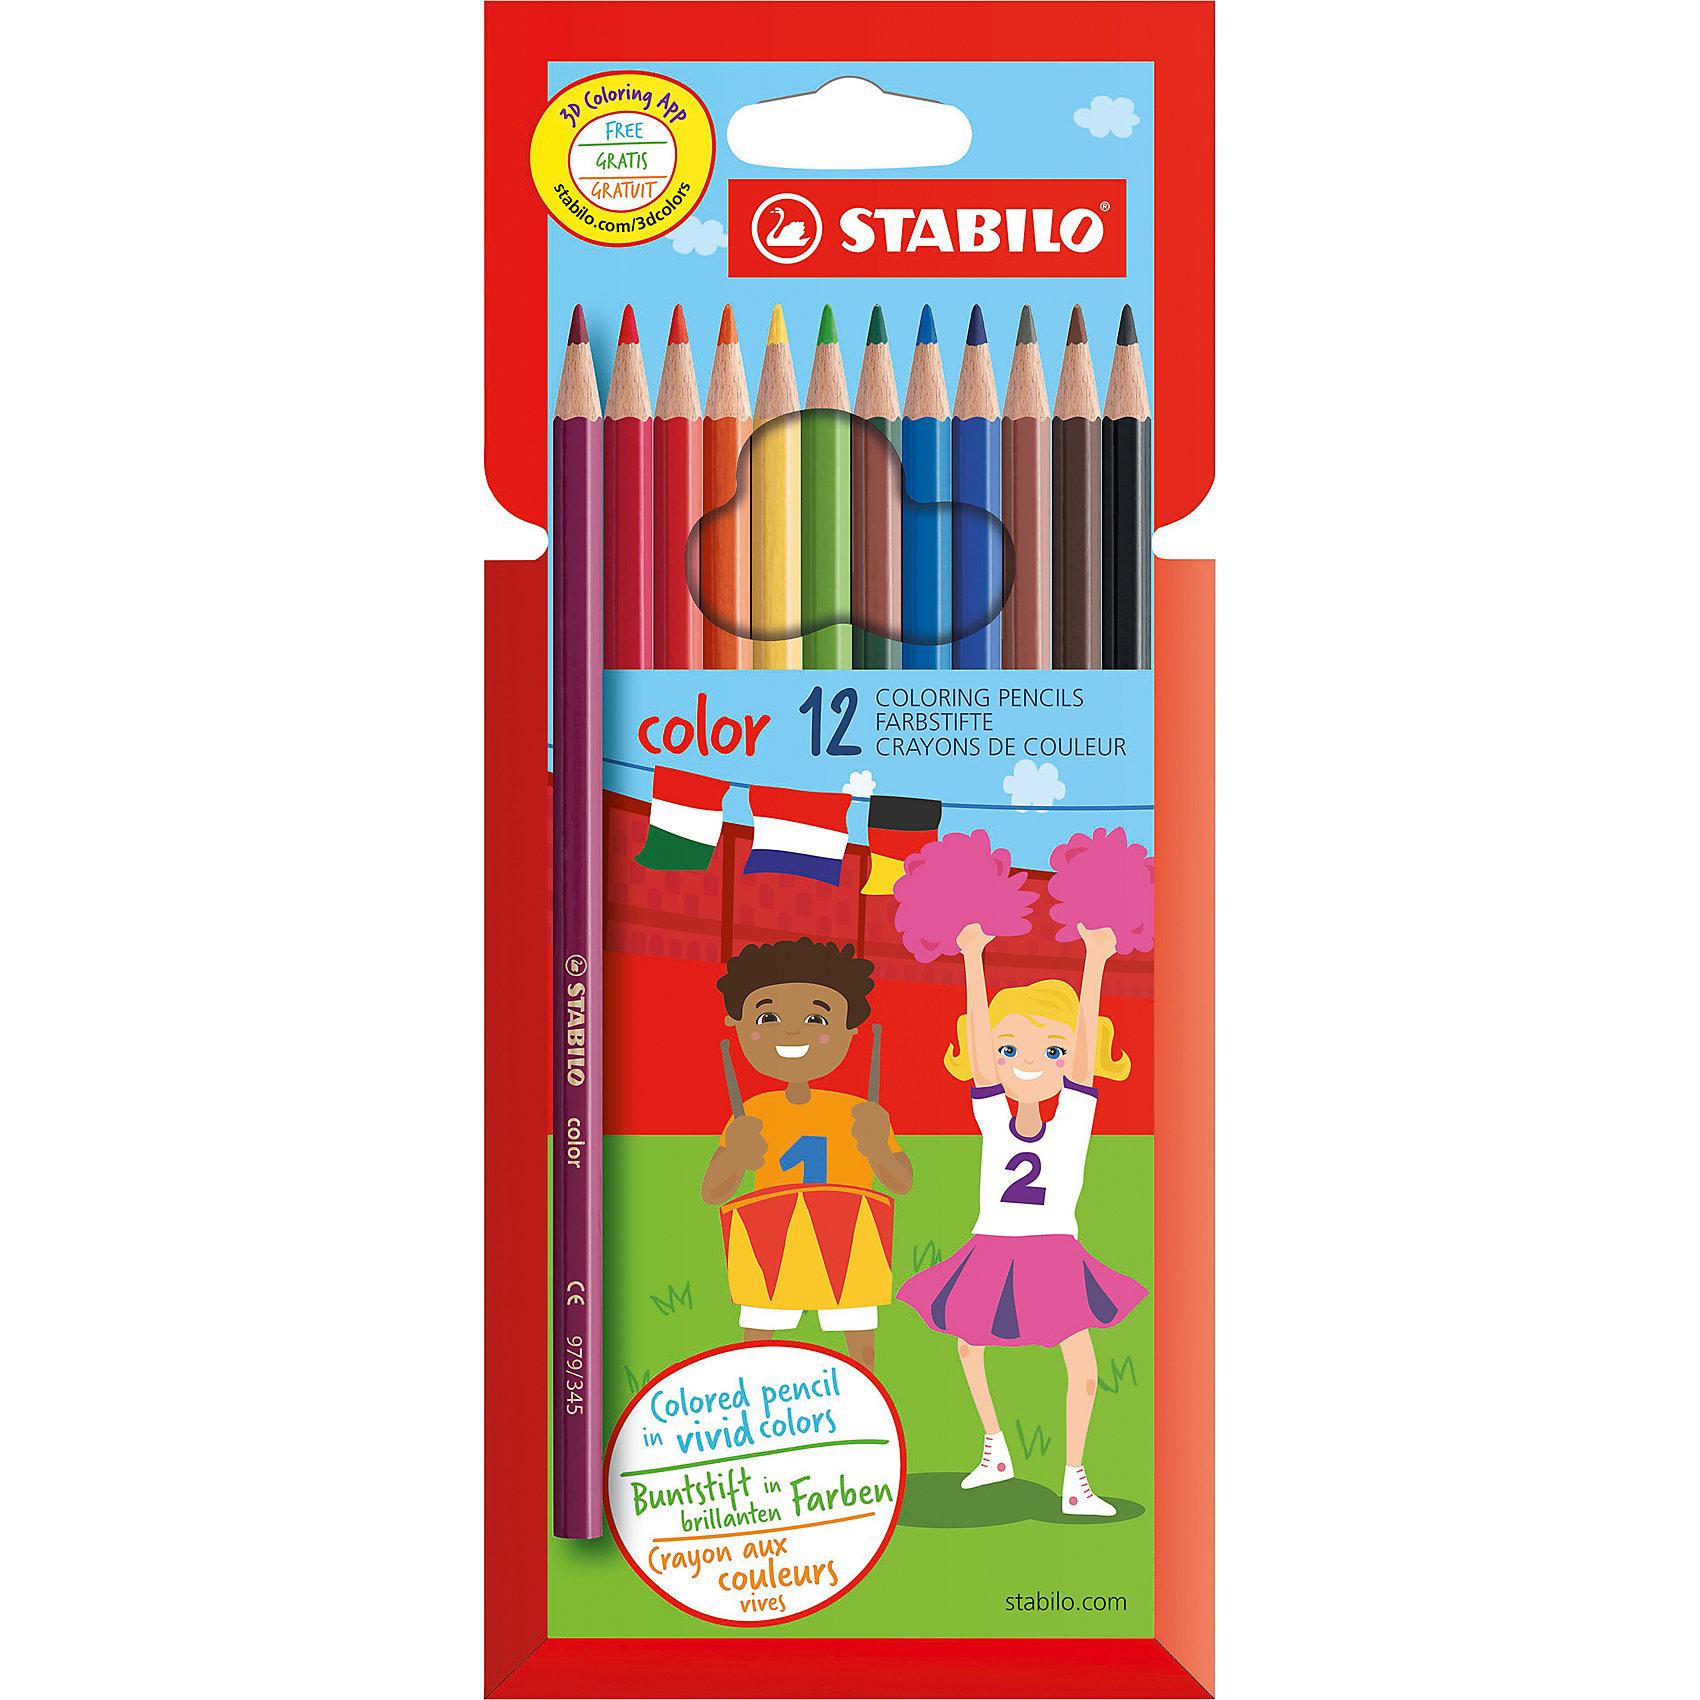 Карандаши цветные 12цвПисьменные принадлежности<br>Характеристики:<br><br>• возраст: от 3 лет<br>• в наборе: 12 цветных карандашей<br>• материал корпуса: древесина<br>• толщина линии: 2,5 мм.<br>• упаковка: картонный футляр<br>• размер упаковки: 21,5х9,3х0,8 см.<br><br>Цветные карандаши не ломаются при рисовании и затачивании. В состав грифелей входит пчелиный воск, благодаря чему грифели легко рисуют на бумаге, не царапая ее и не крошась. Карандаши обладают повышенной устойчивостью к нагрузкам. Насыщенные цвета имеют высокую светостойкость. Цвета отлично смешиваются и позволяют создать огромное количество оттенков. Корпус карандашей покрыт лаком на водной основе.<br><br>Карандаши цветные 12цв можно купить в нашем интернет-магазине.<br><br>Ширина мм: 93<br>Глубина мм: 215<br>Высота мм: 8<br>Вес г: 60<br>Возраст от месяцев: 36<br>Возраст до месяцев: 2147483647<br>Пол: Унисекс<br>Возраст: Детский<br>SKU: 6873776